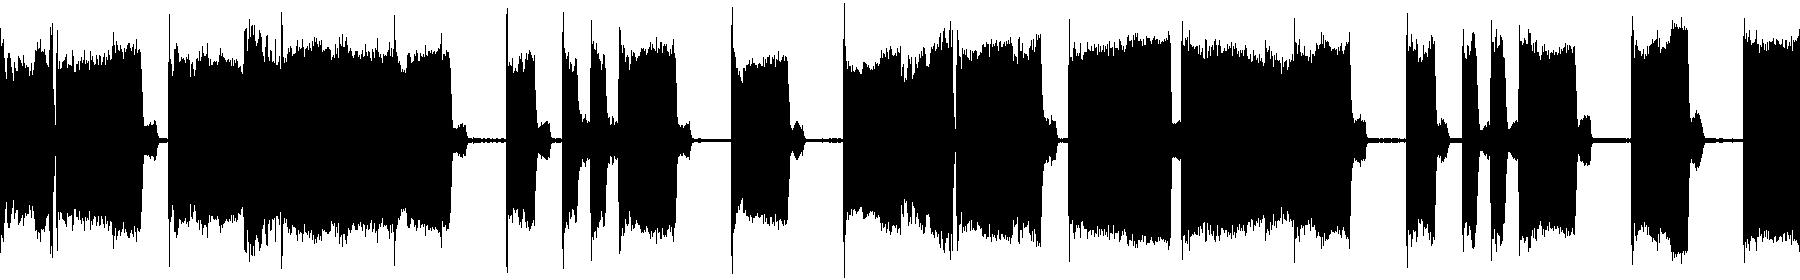 cymatics   vocal loop 22   140 dm